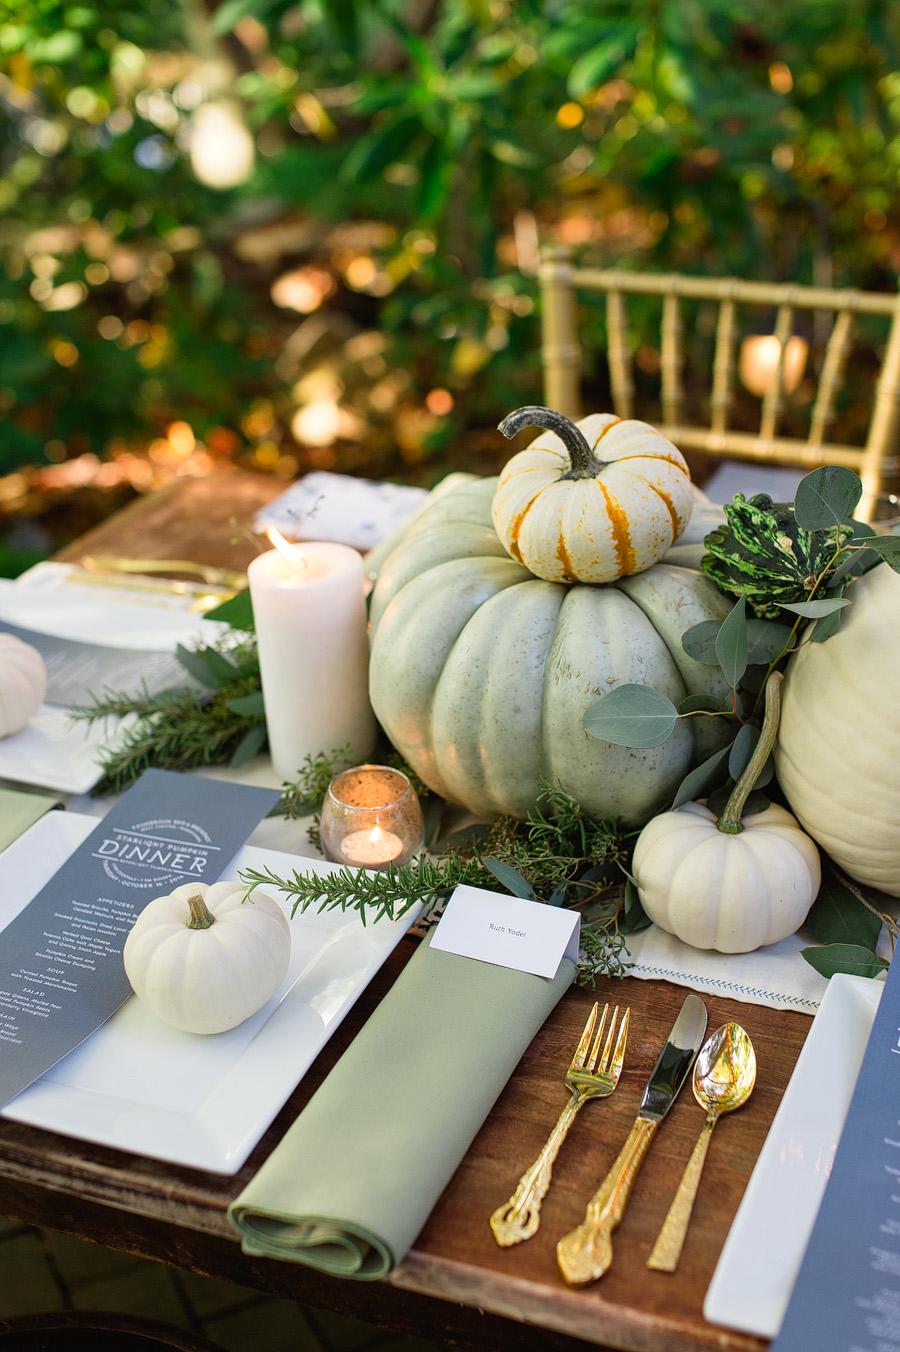 West-Chester-PA-Faunbrook-Harvest-Dinner-Series-Pumpkin-AlexandraWhitney-14.jpg